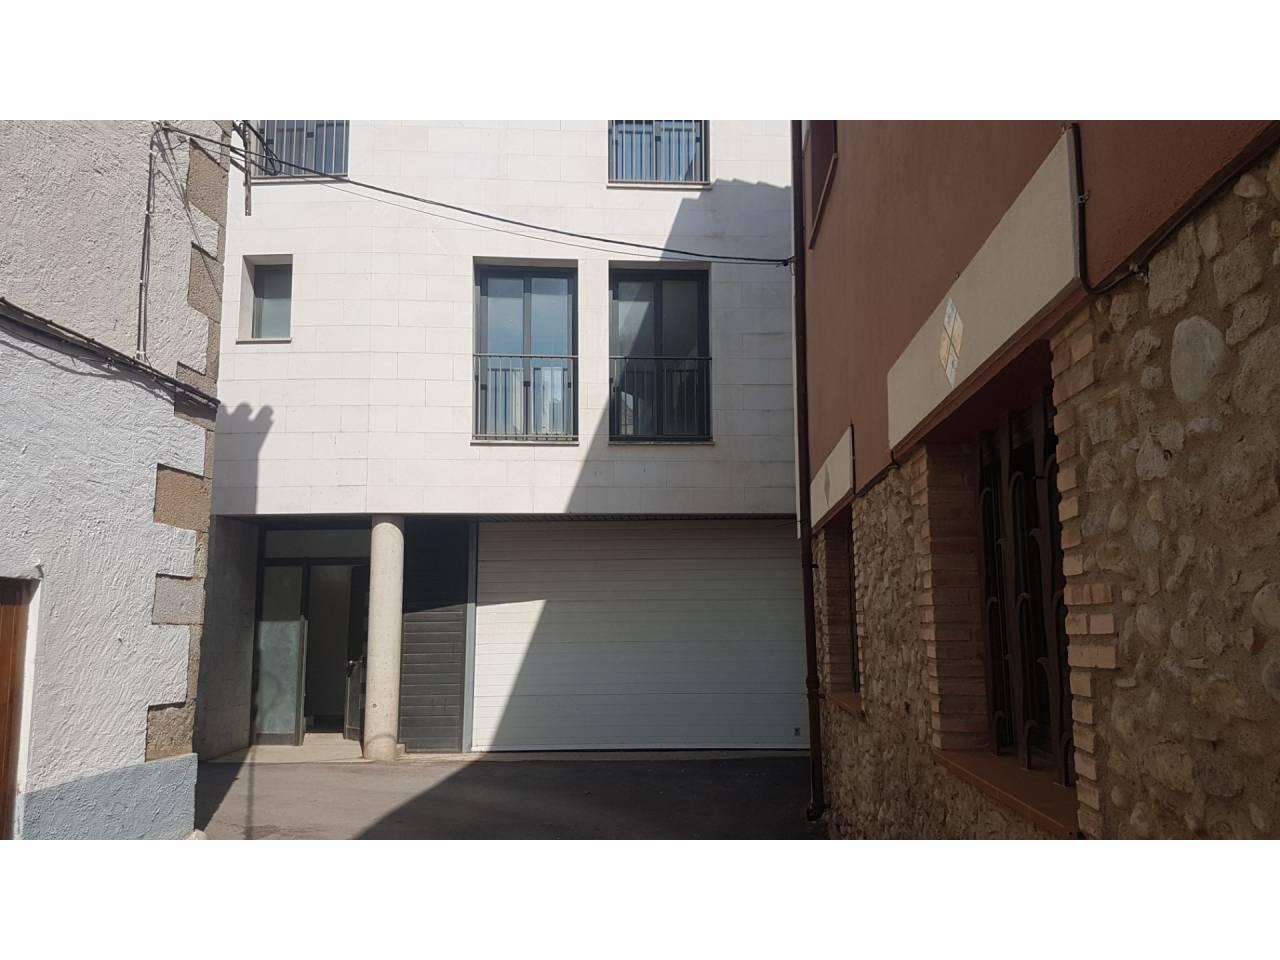 005047 - PRINCESA Casa adossada en venda a Sant Pere Pescador amb un gran pàrquing i ascensor